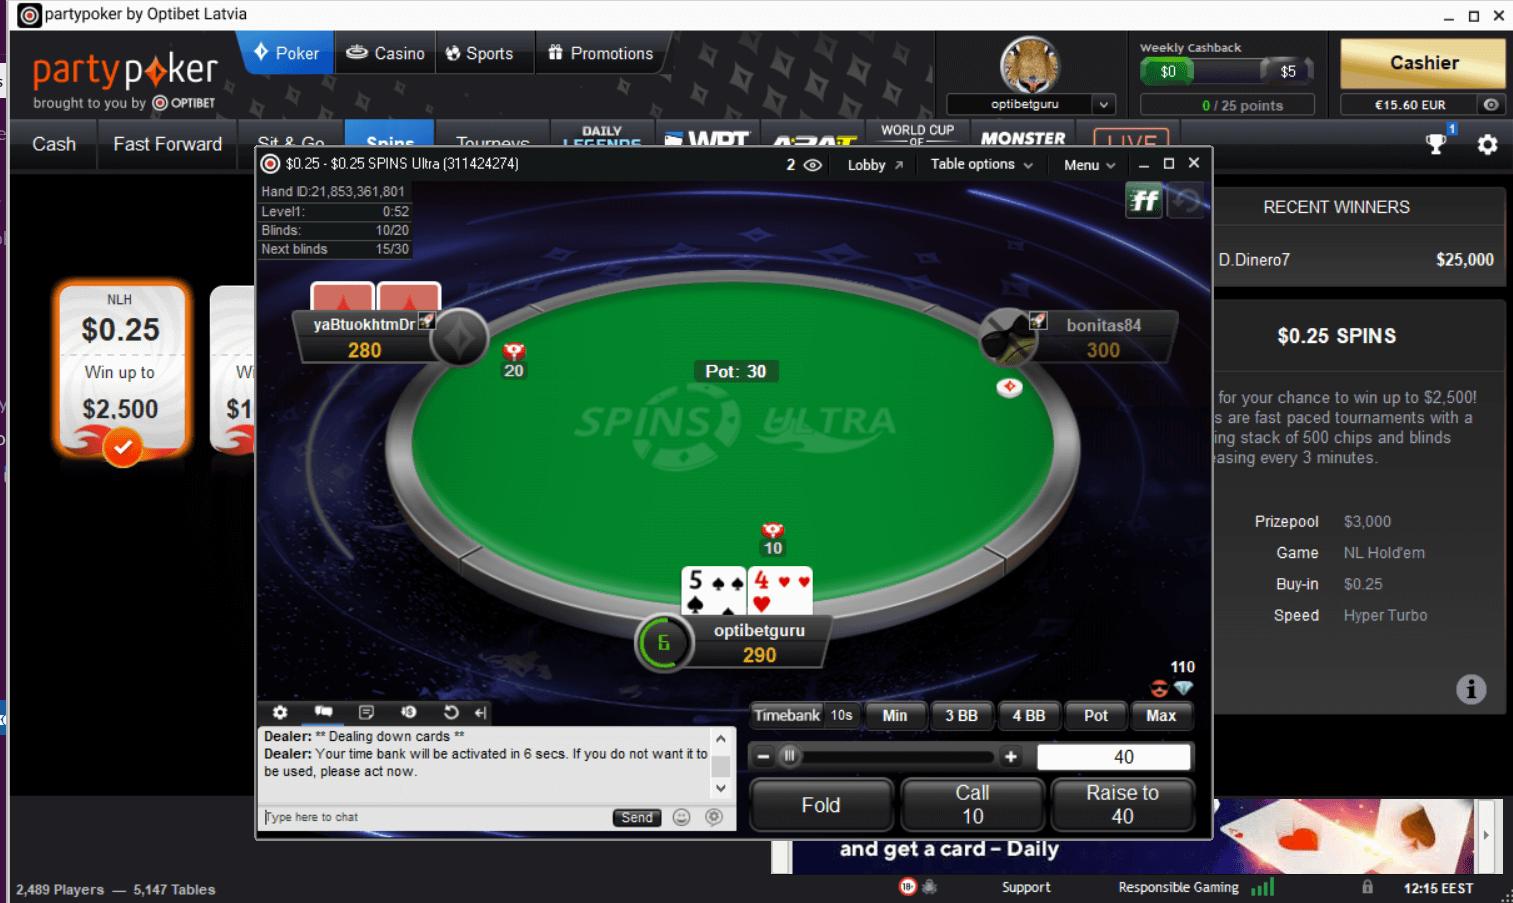 optibet poker review